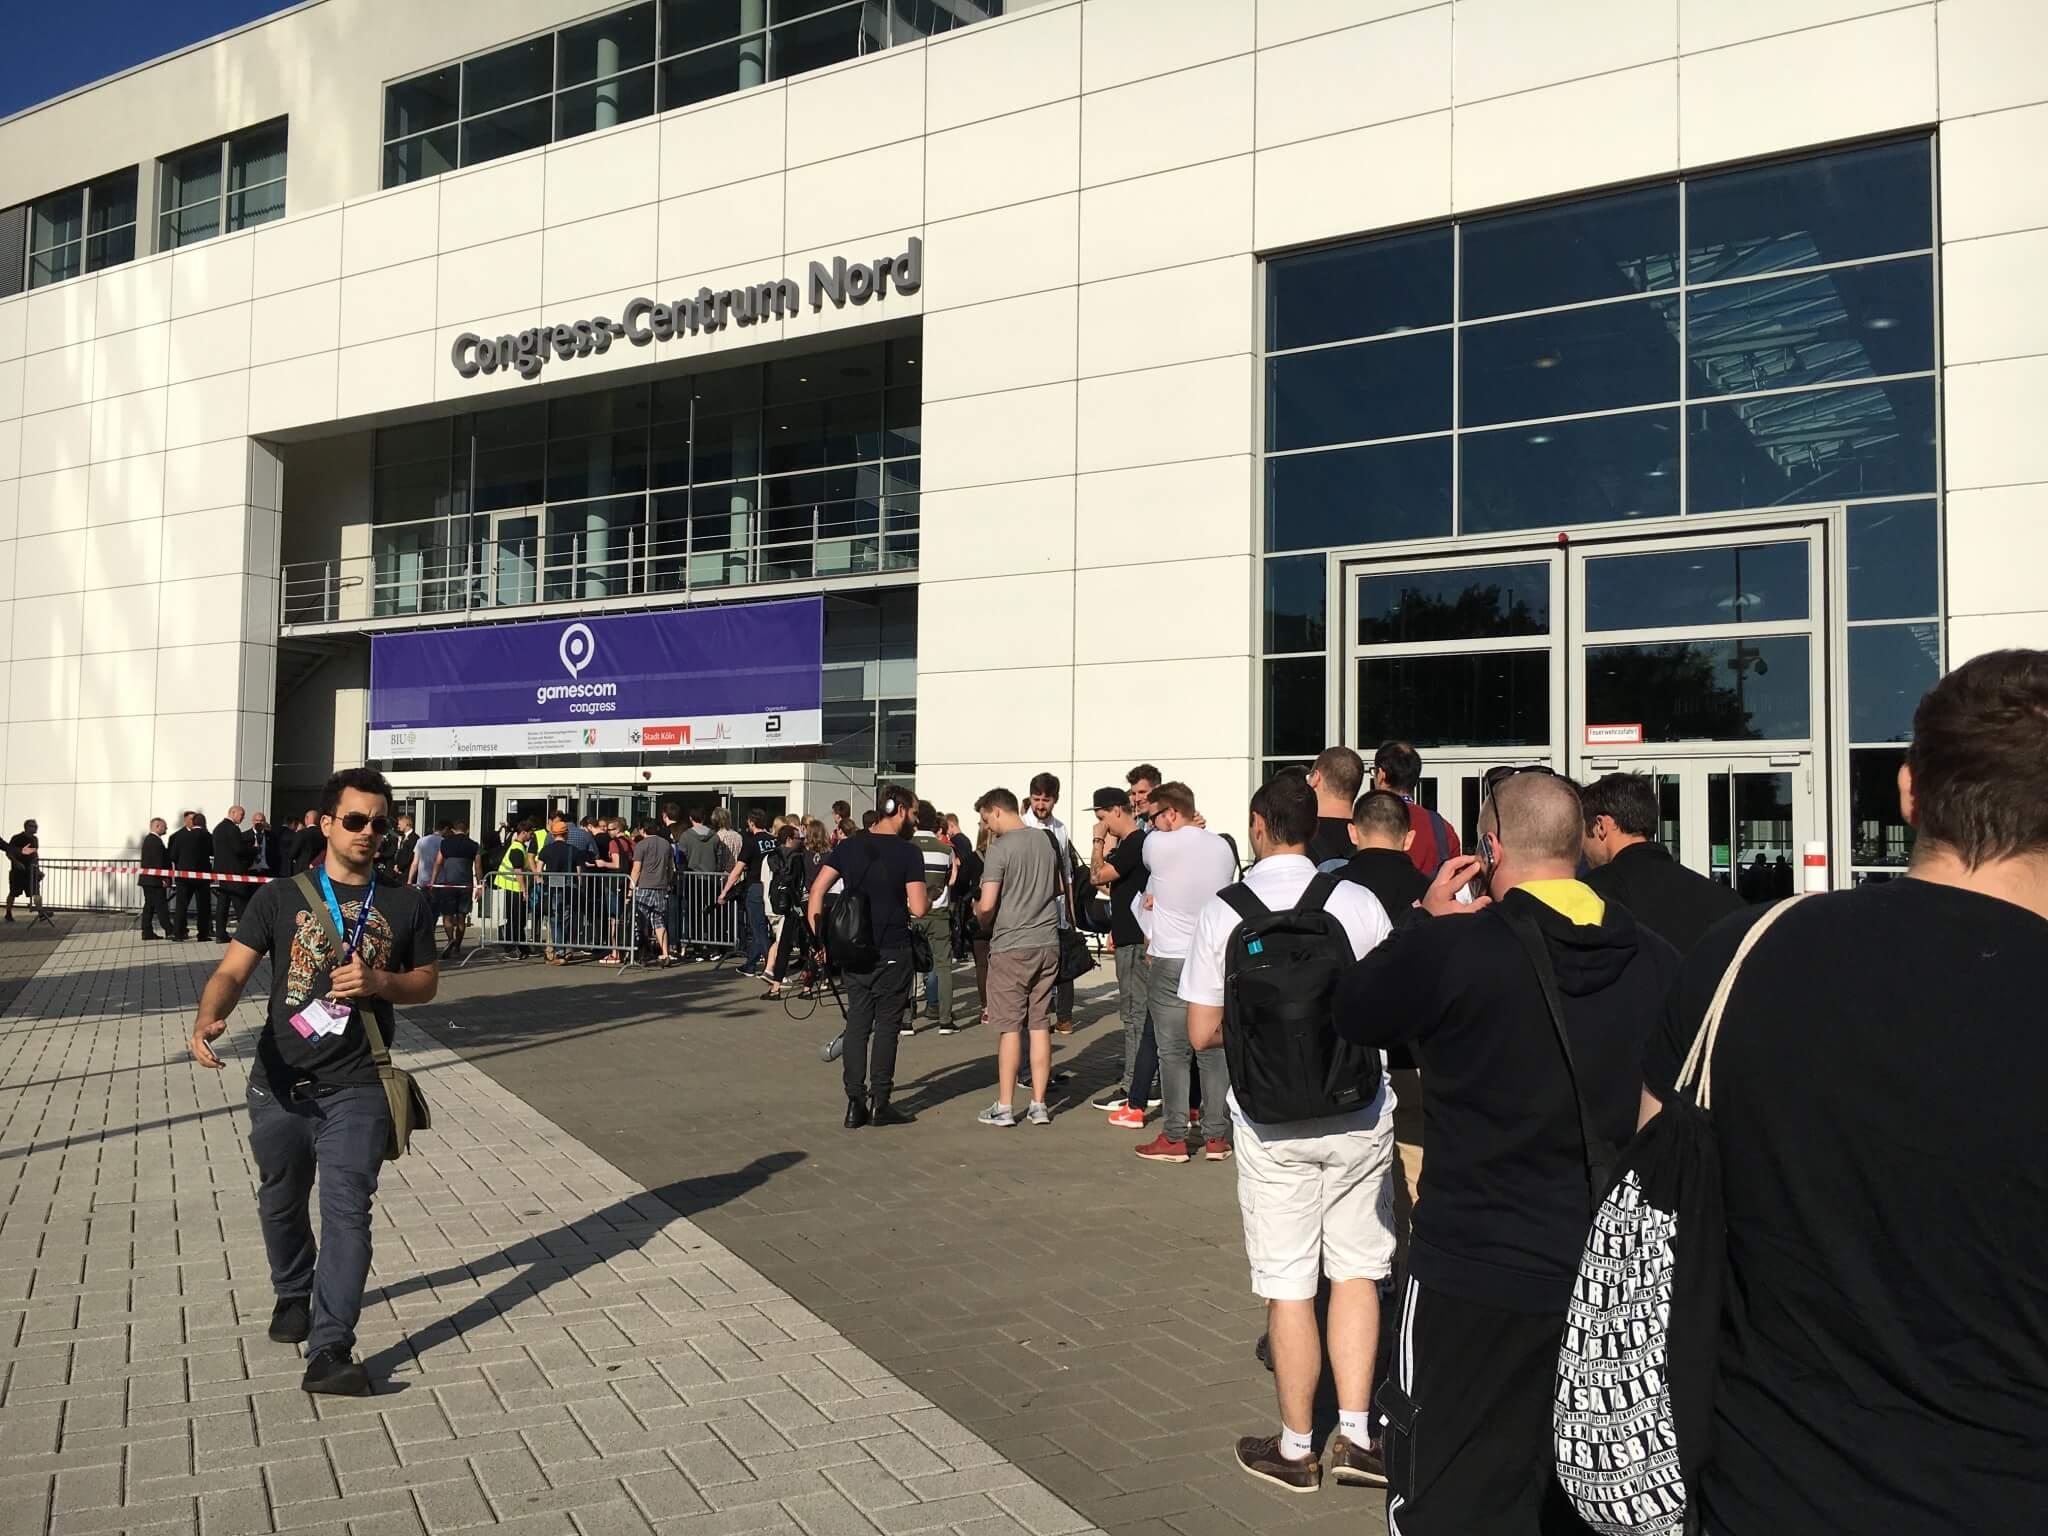 Gamescom 2016: Warteschlange vor dem Sicherheitscheck